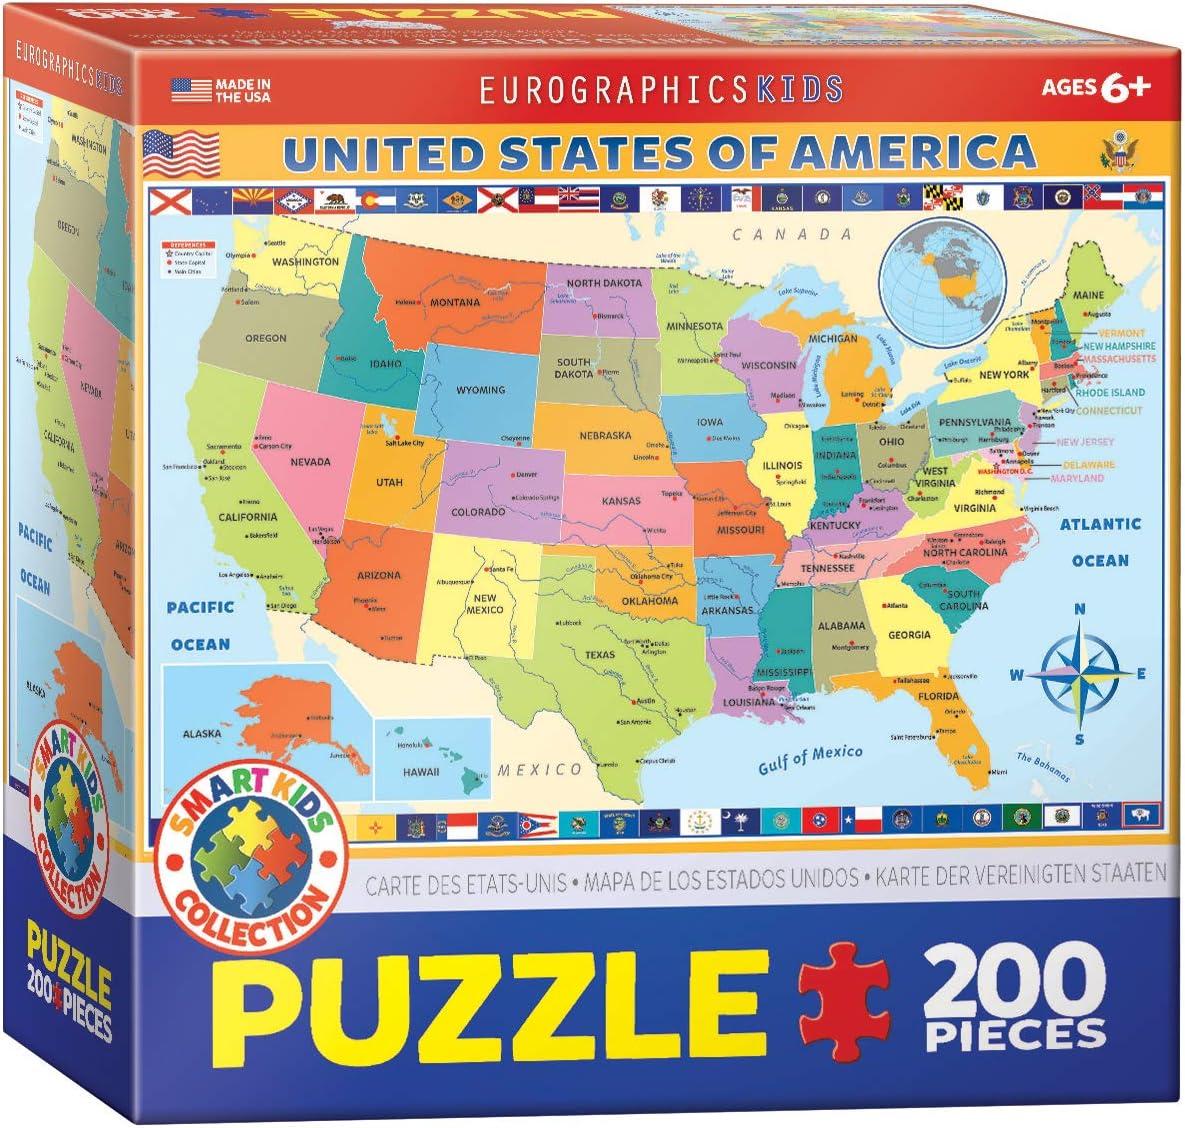 Eurographics Mapa de The US Puzzle (200 Piezas): Amazon.es: Juguetes y juegos